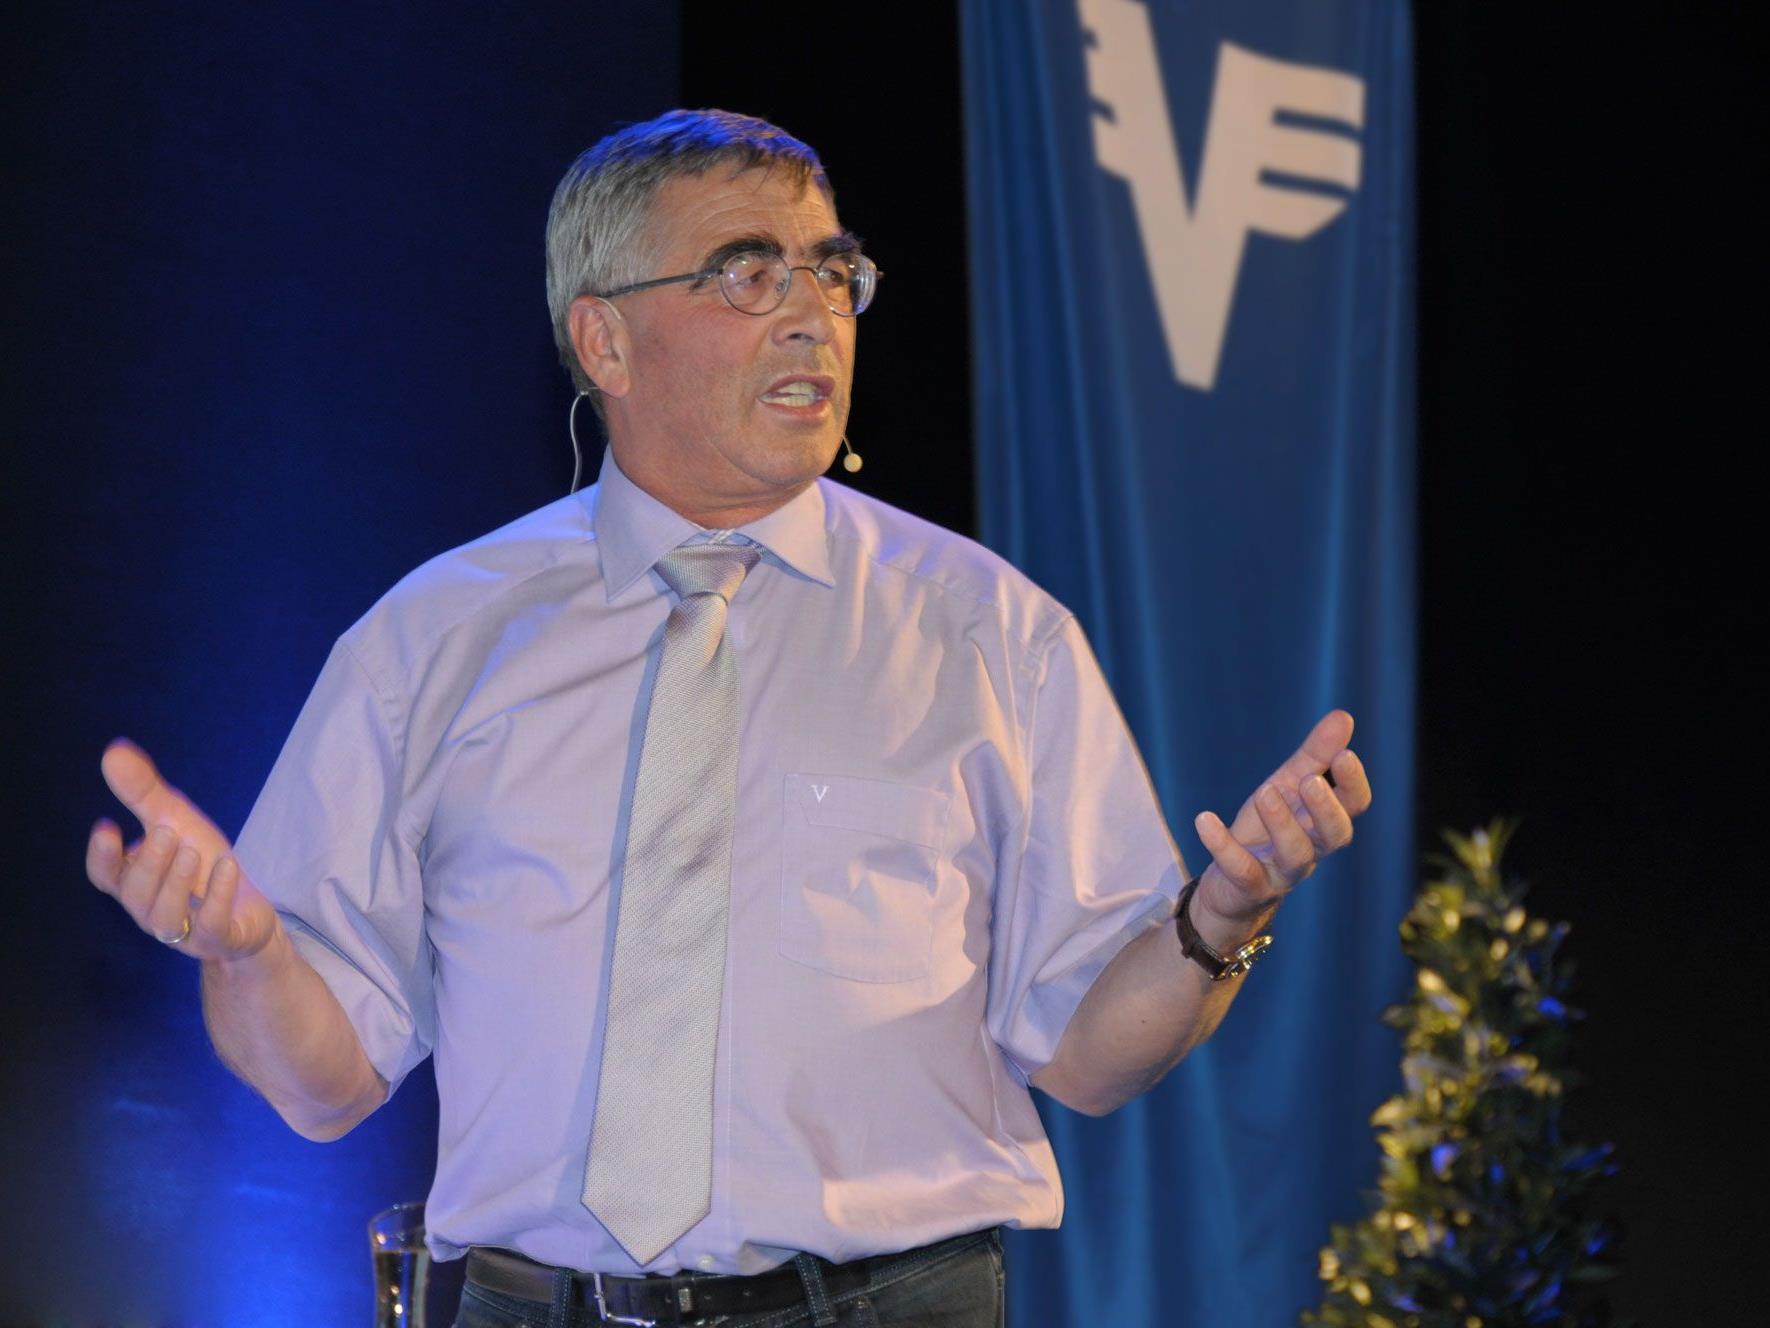 Universitätsprofessor Primarius Mag. DDr. Anton Wicker bei seinem Vortrag